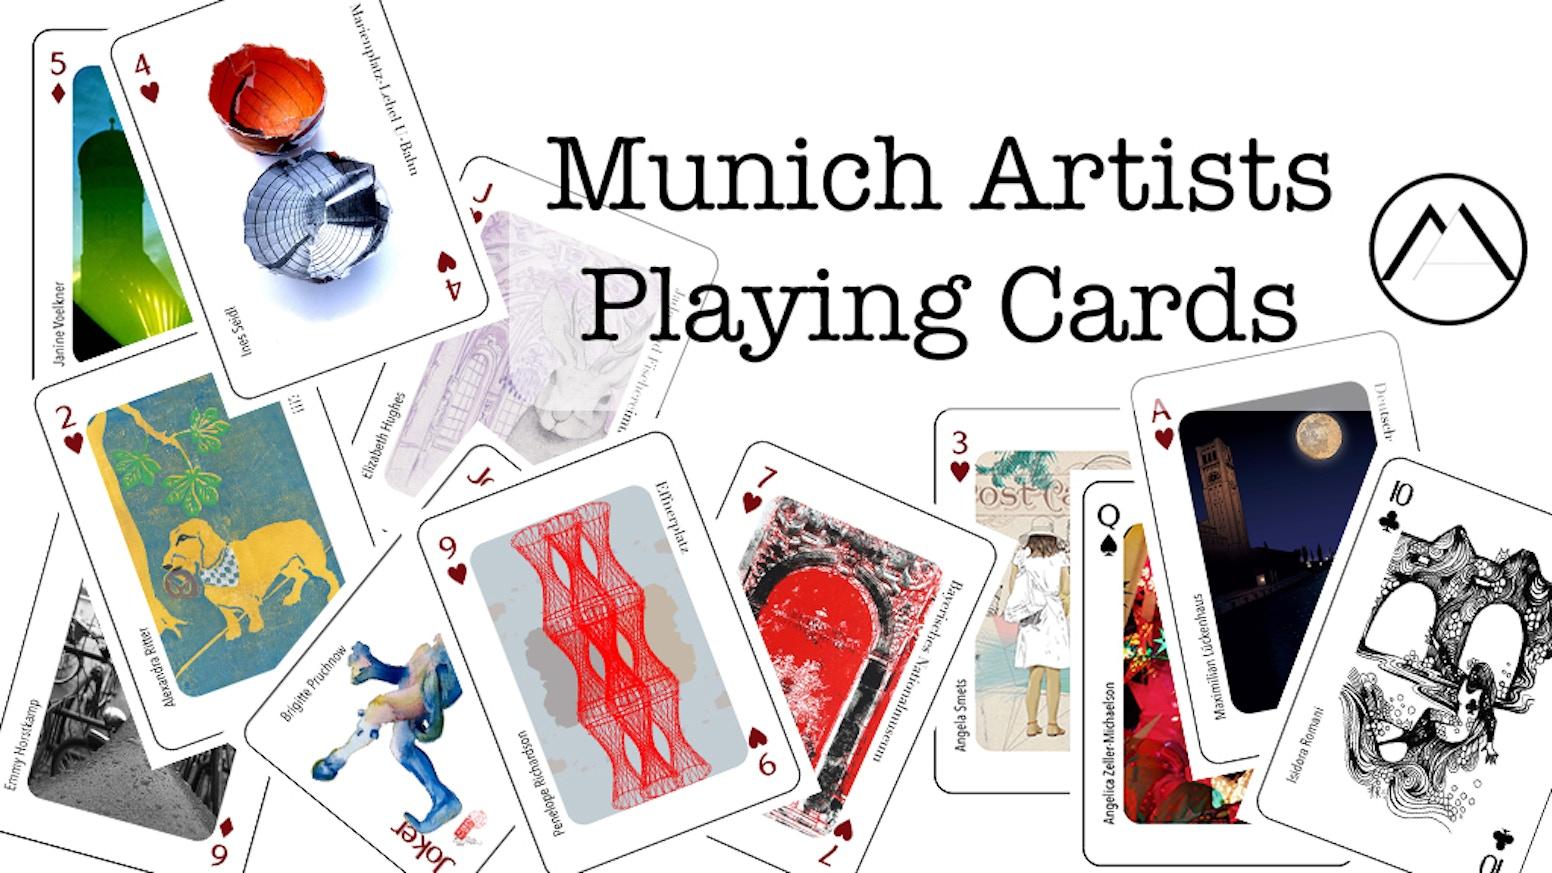 Munich Artists designed a Munich themed poker playing card deck celebrating Munich and Bavarian life.